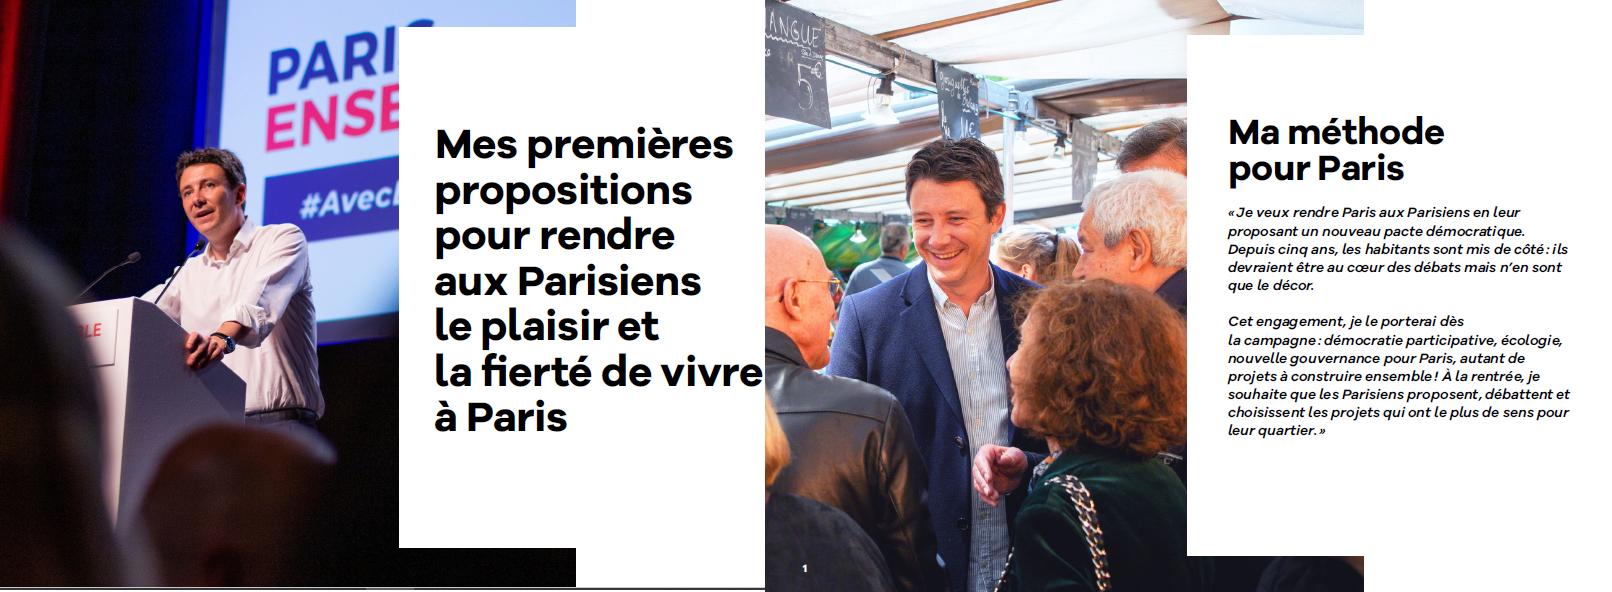 Benjamin GRIVEAUX : Ses premières propositions pour Paris